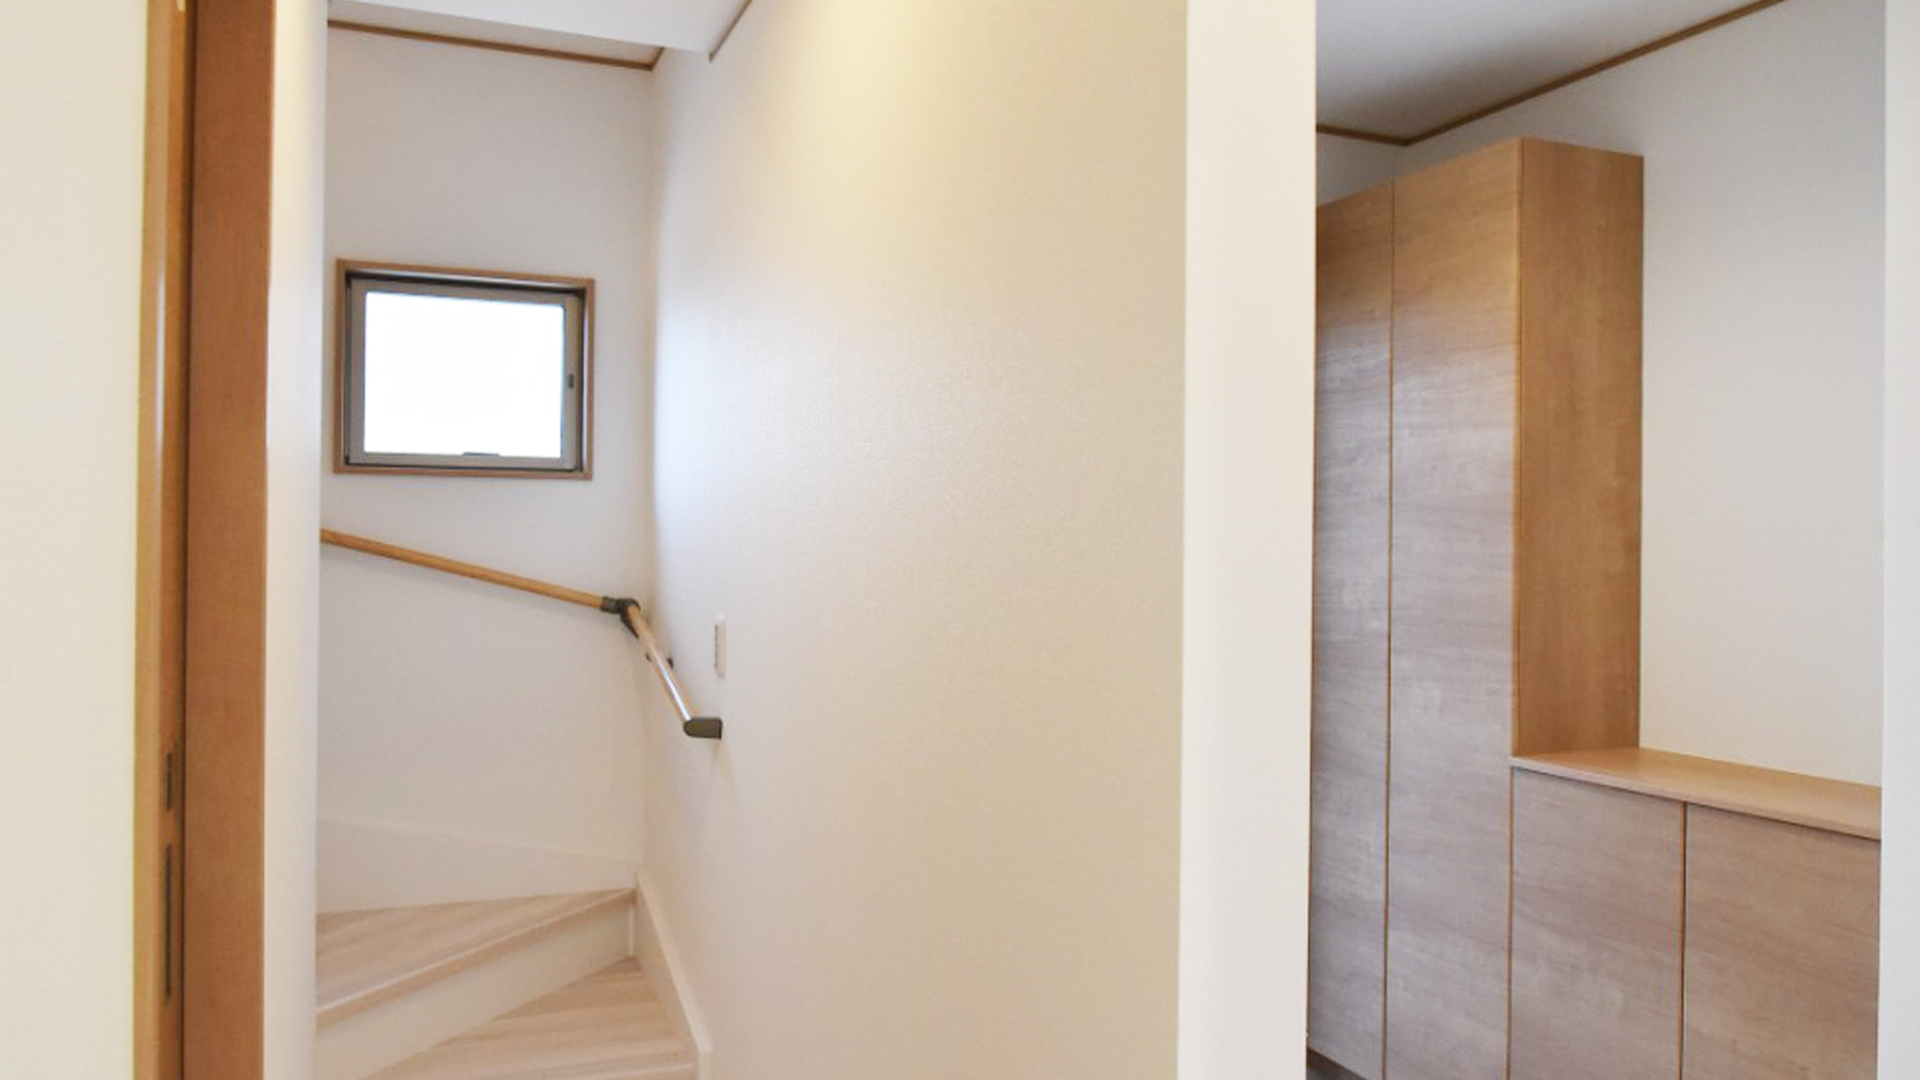 浜松市の不動産会社、株式会社リンクの作る一軒家の玄関と階段の画像